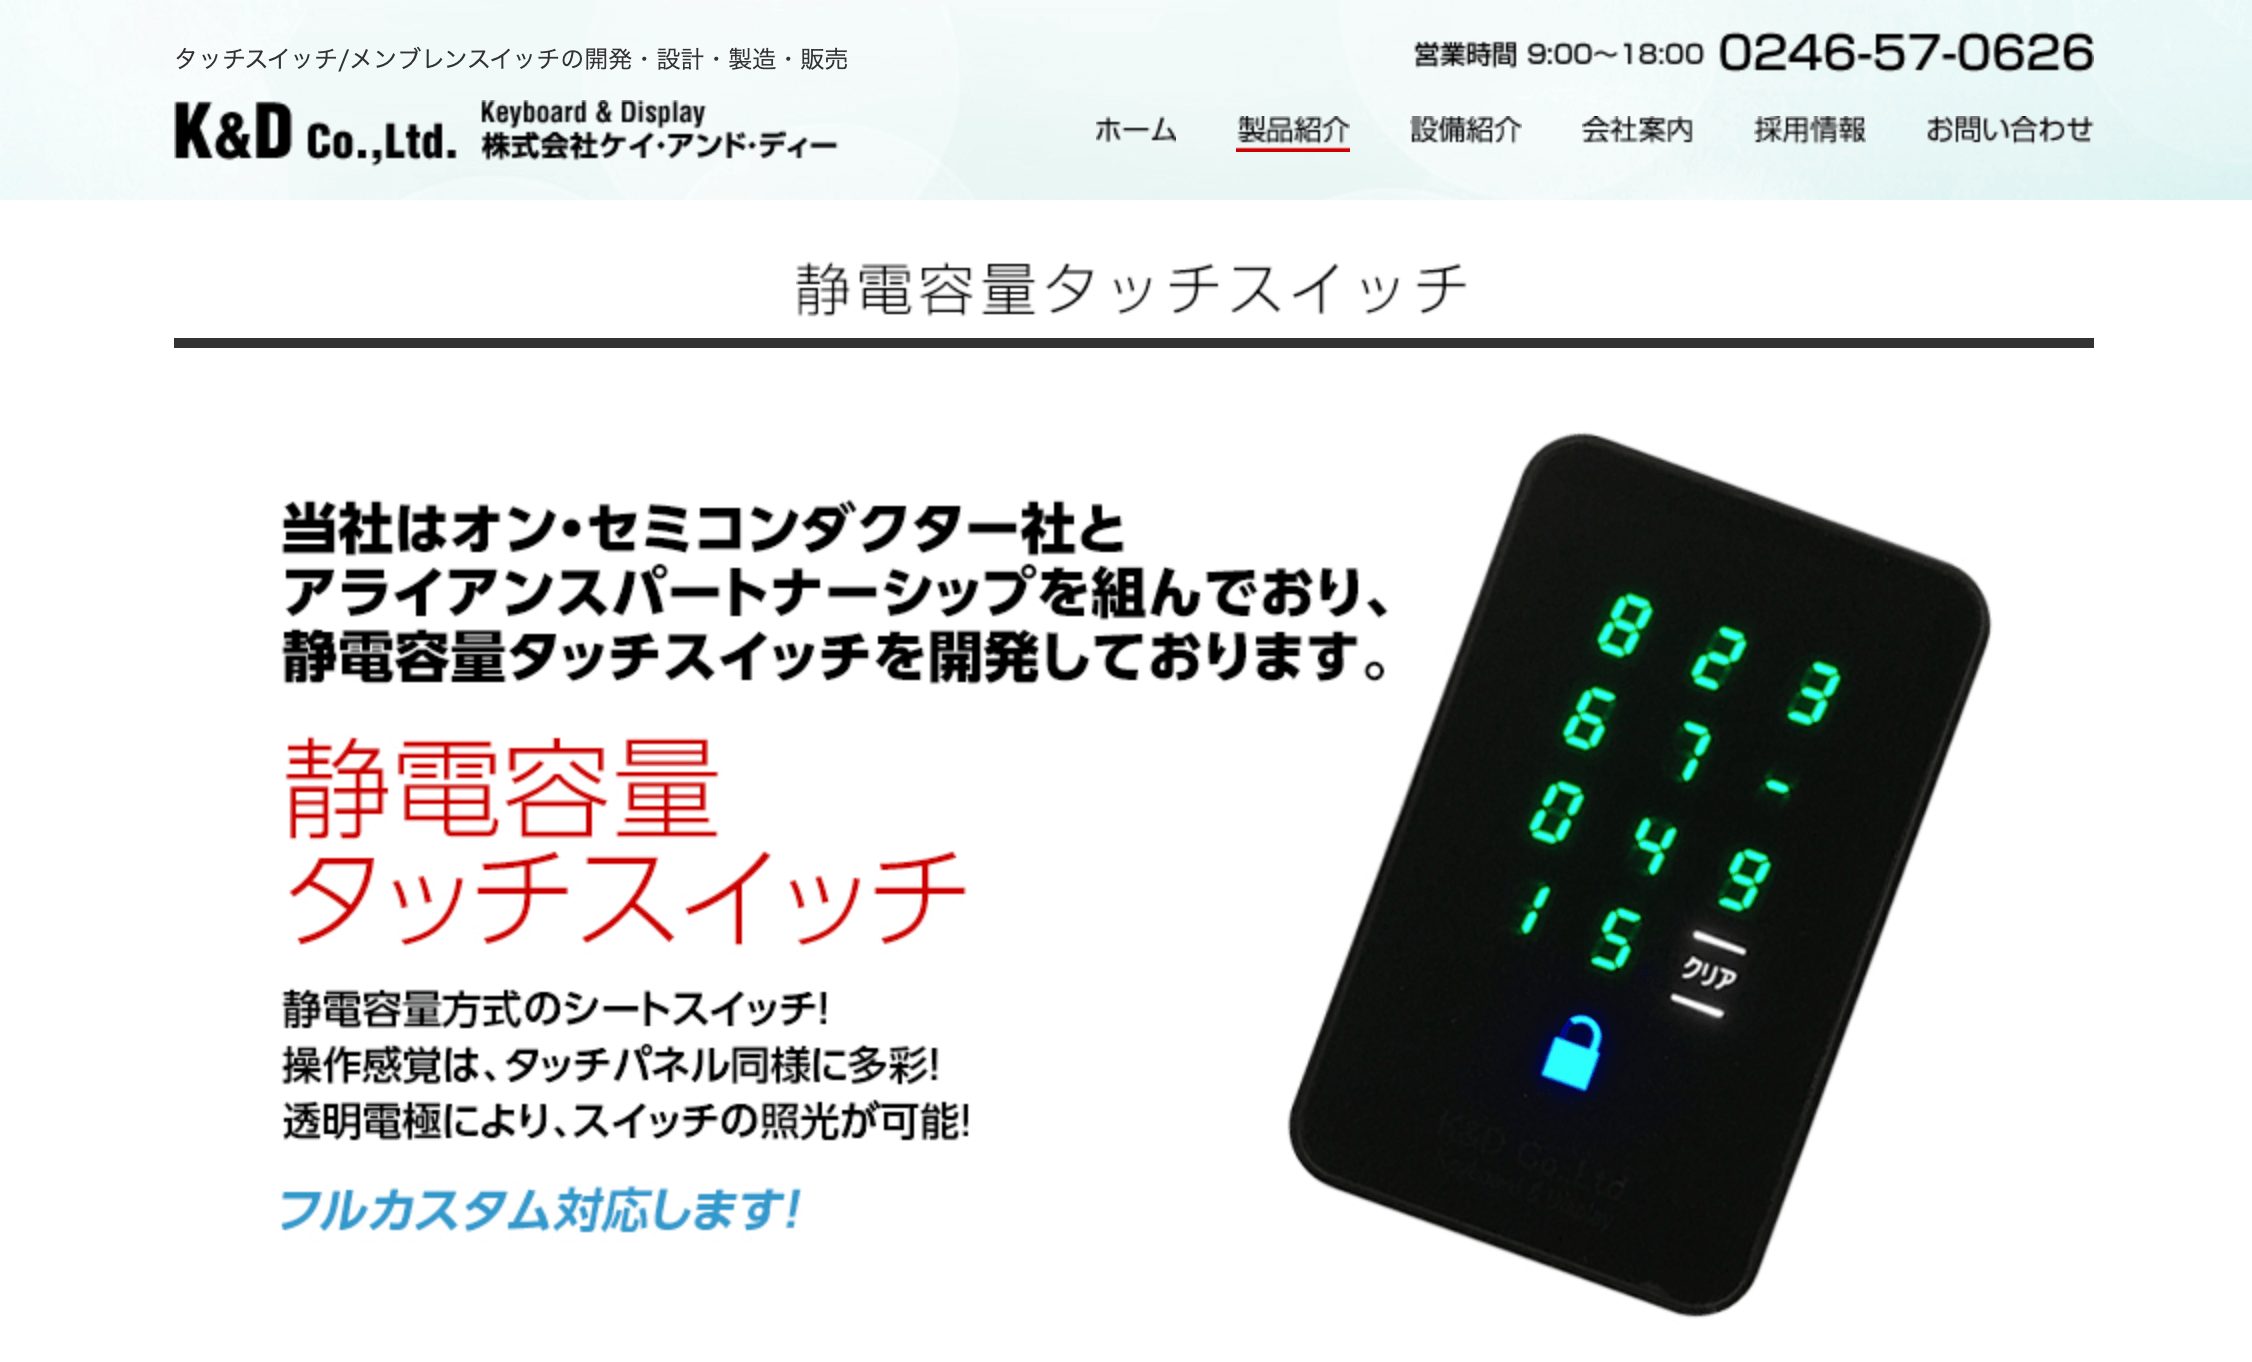 静電容量タッチスイッチ